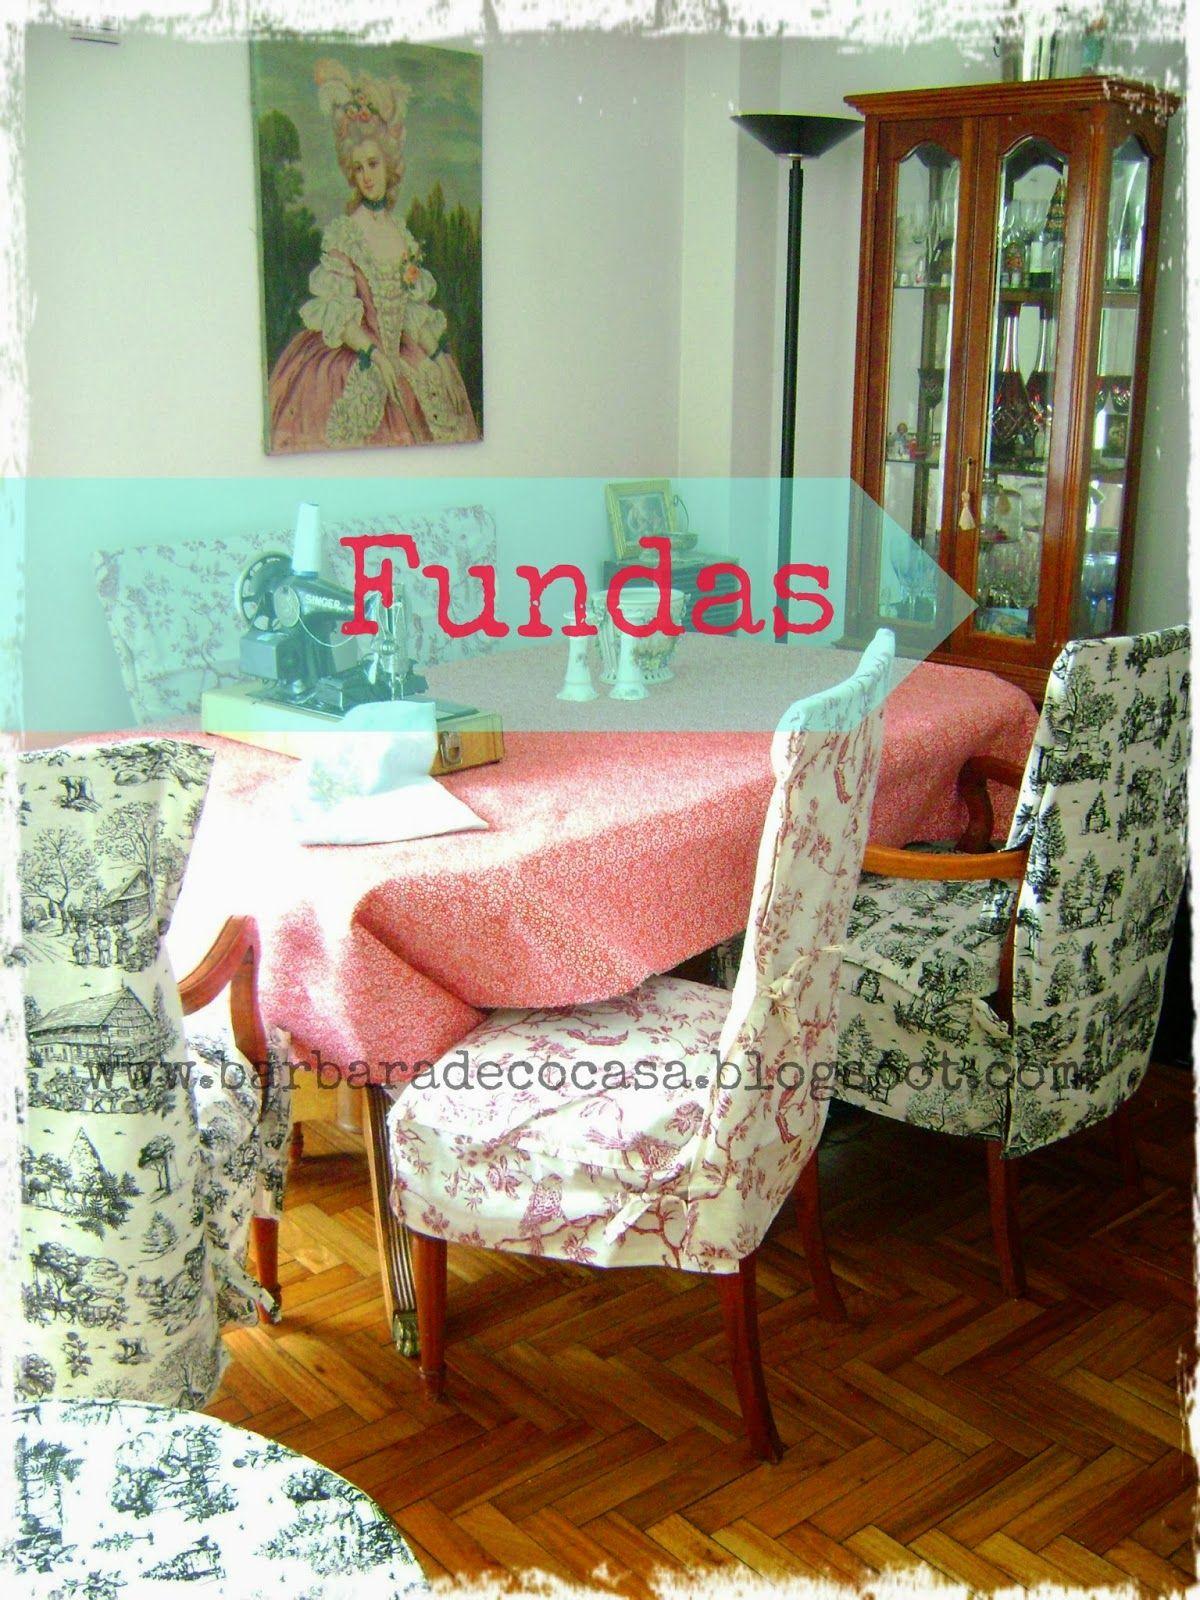 Decoracion Romantica Vintage En Toile De Jouy Fundas Sillas - Decoracion-romantica-vintage